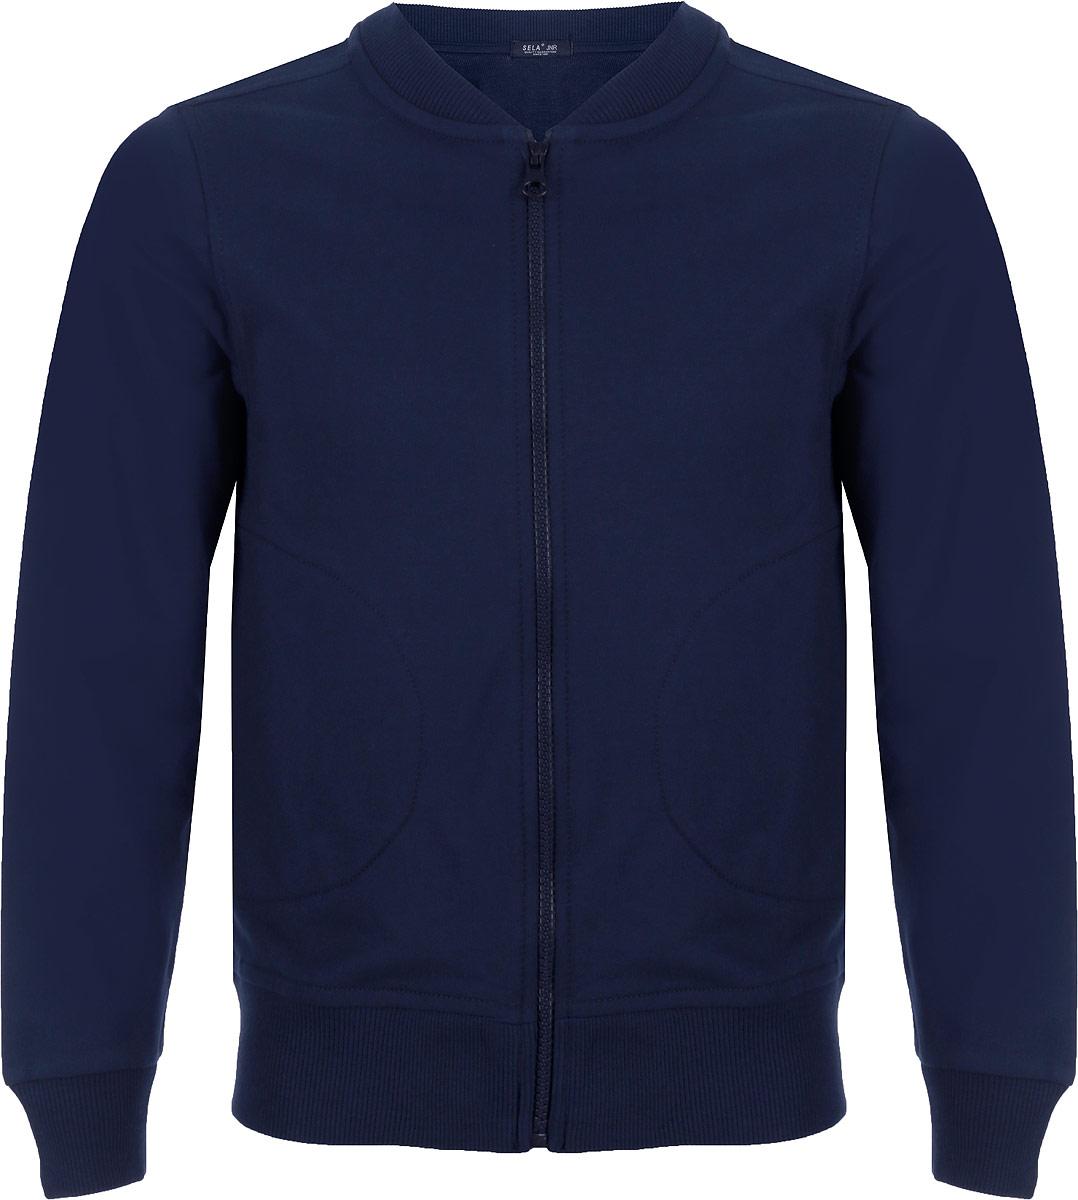 Куртка для мальчика Sela, цвет: темно-синий. Stc-813/182-8320. Размер 140 лонгслив lovedo для мальчика цвет синий темно синий